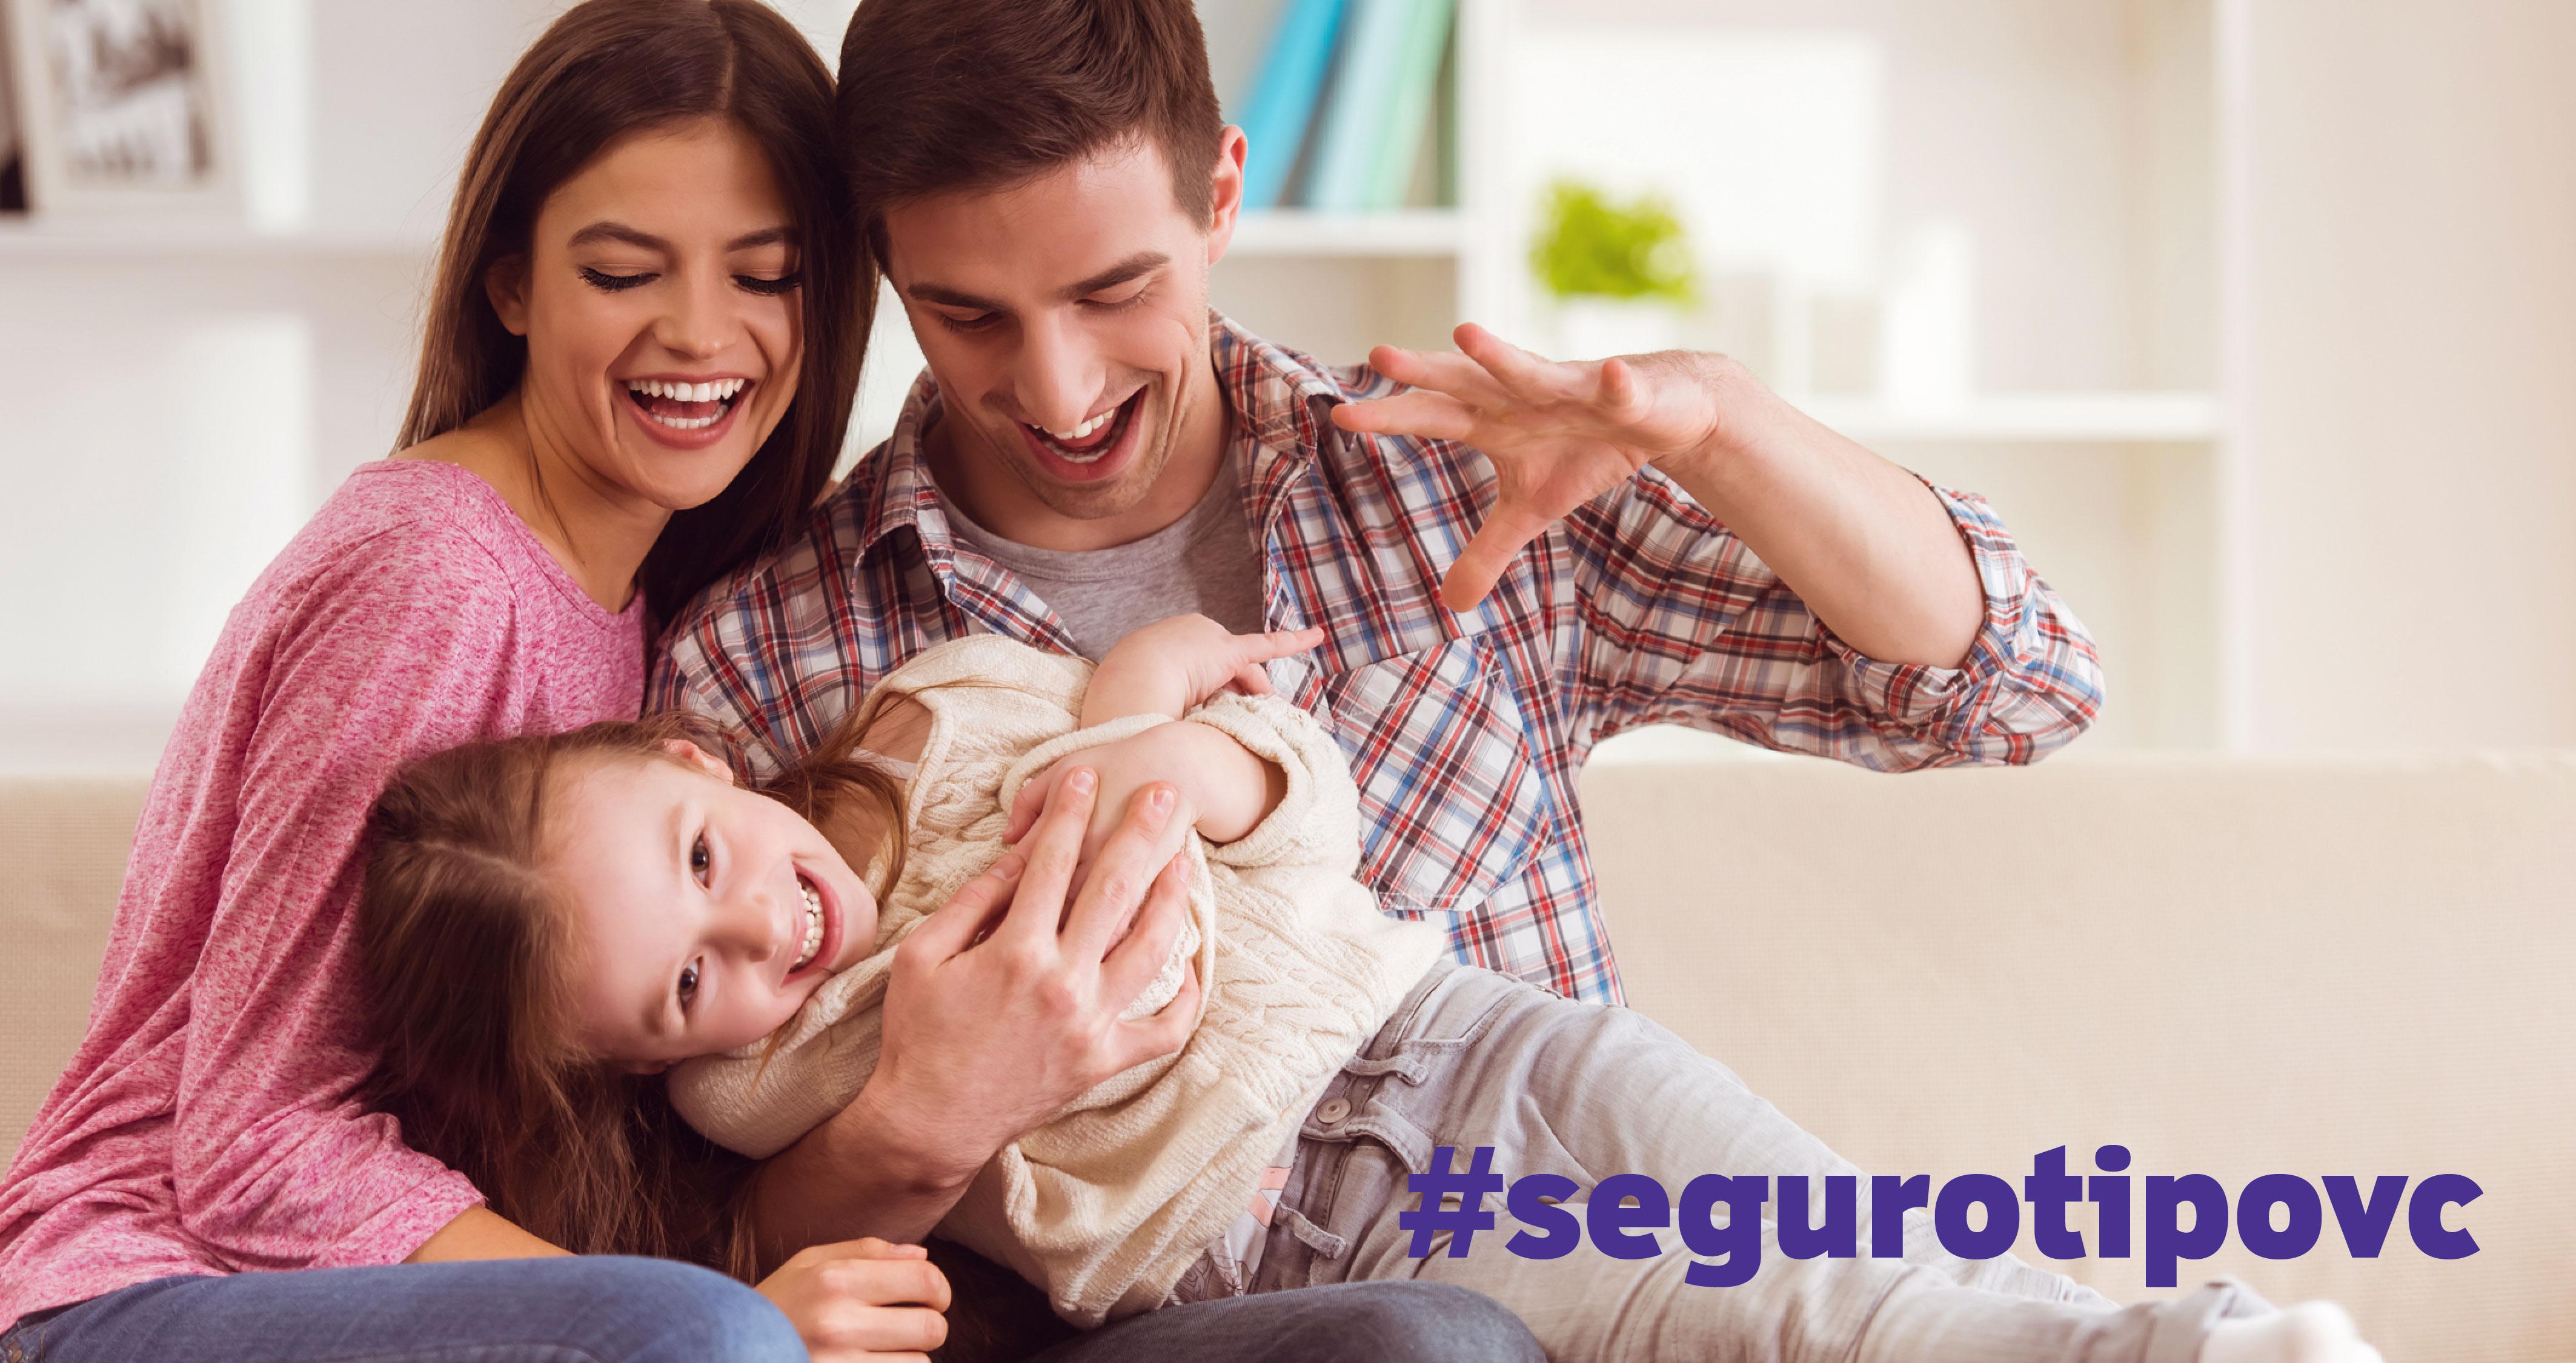 Seguro online para proteger você e sua família